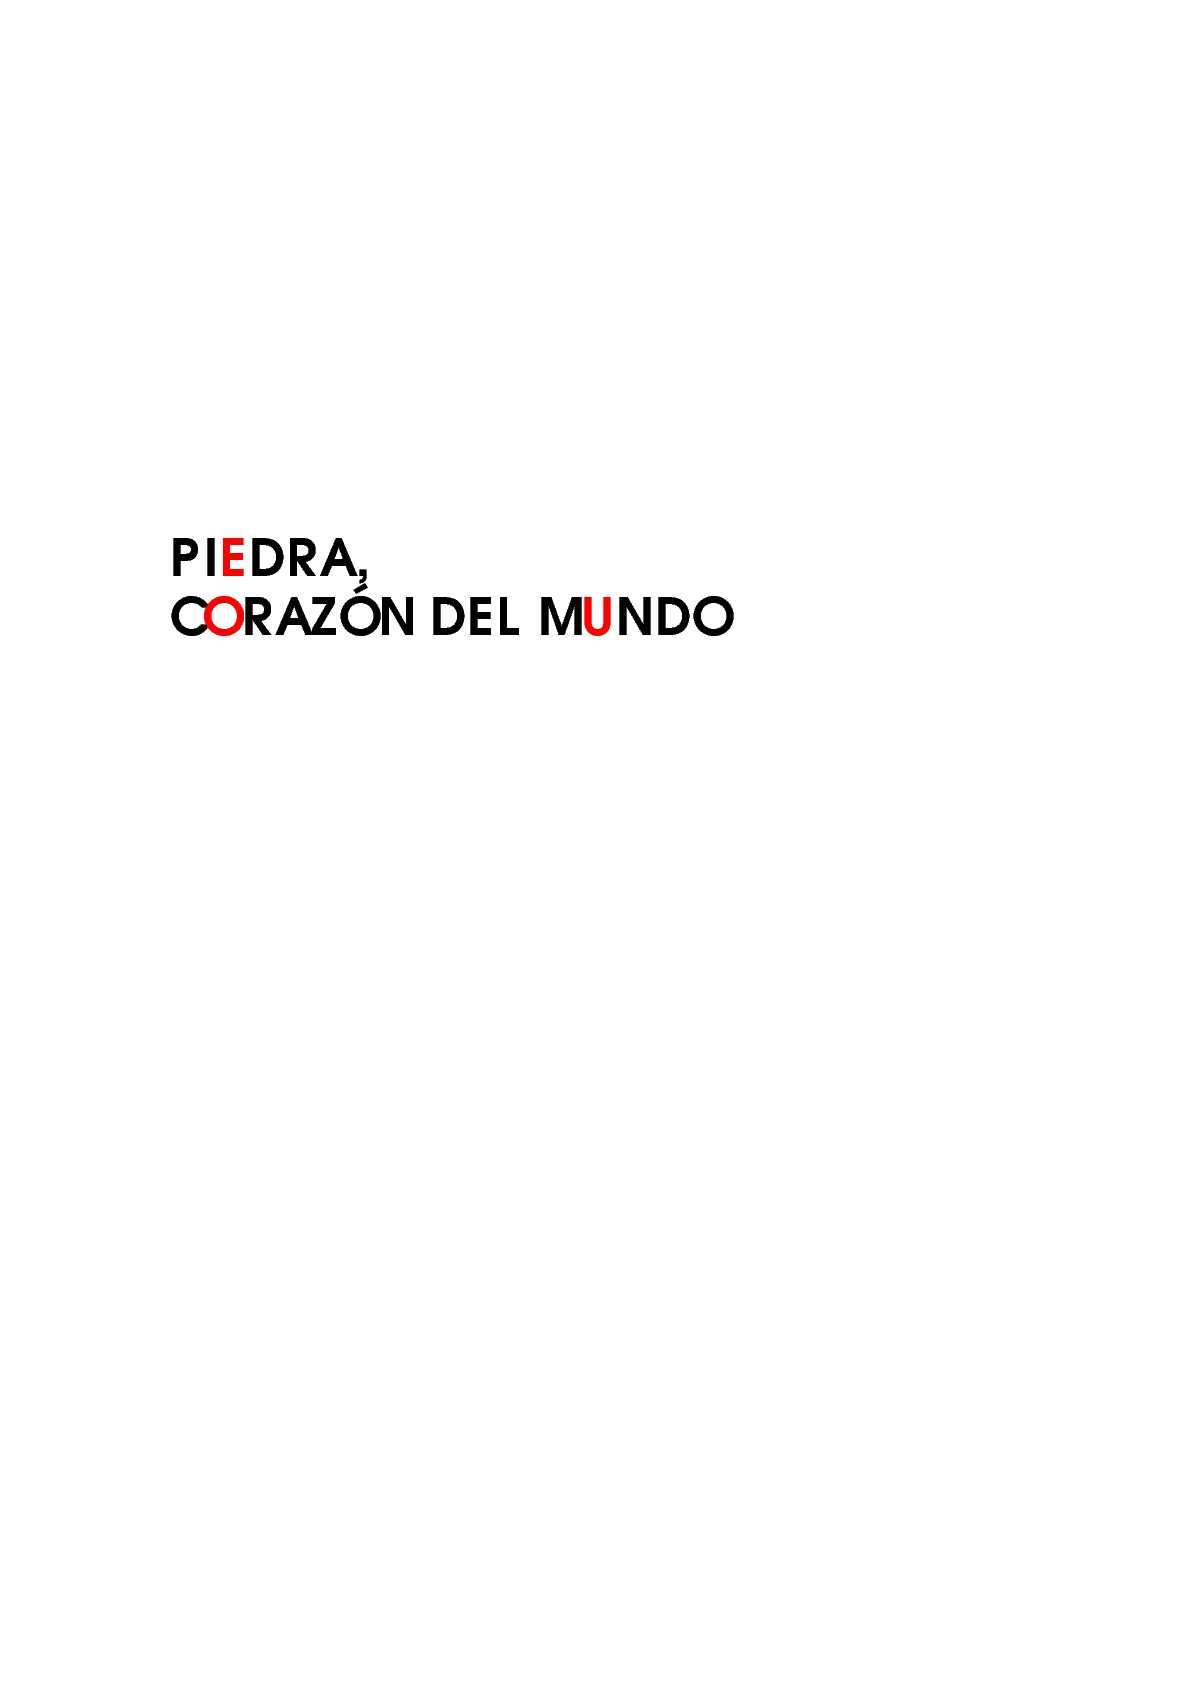 Calaméo - ORIHUELA ANTONIO PIEDRA f19de3a911c